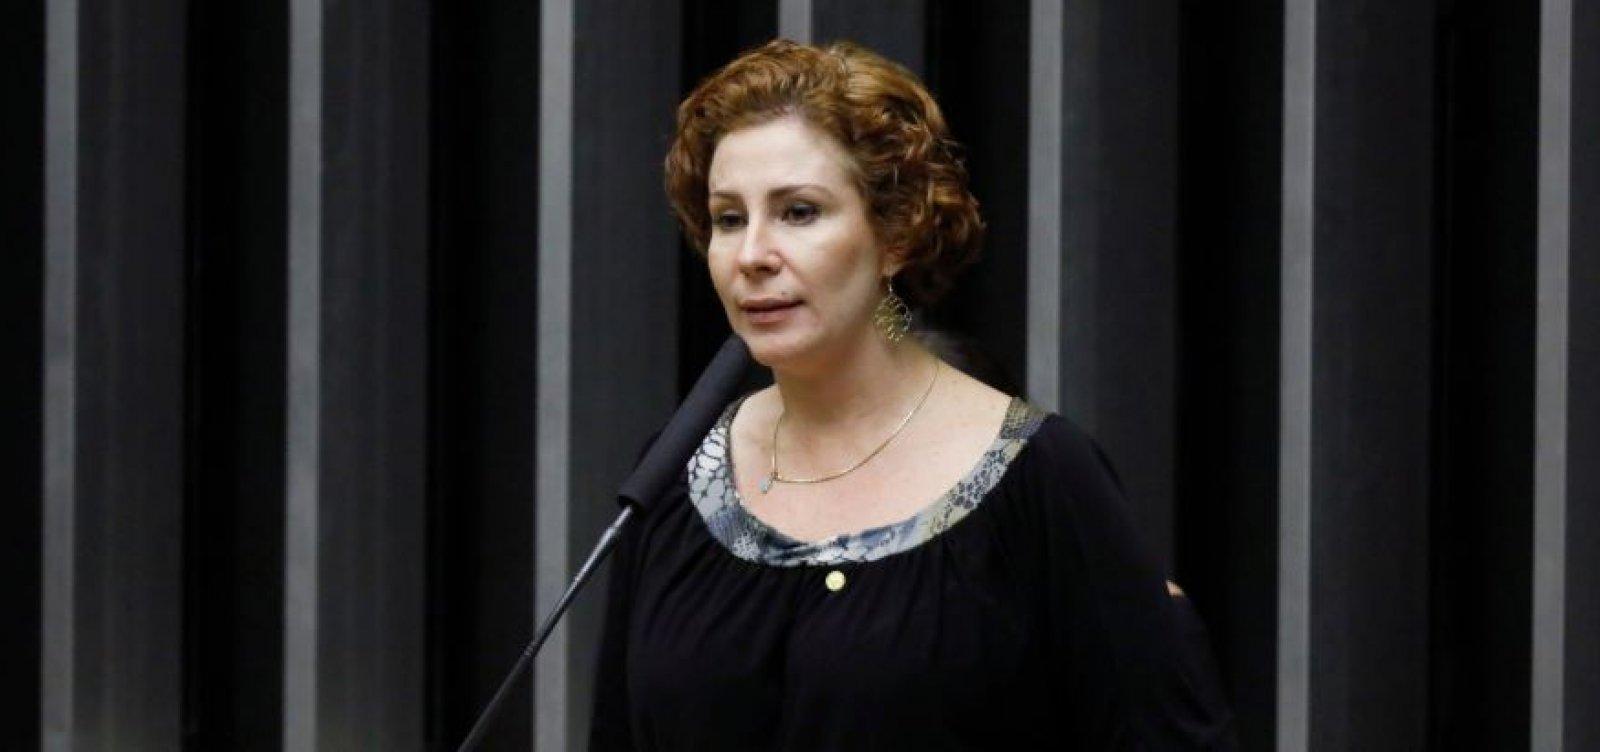 Quatro deputados do PSL são suspensos e podem ser expulsos do partido